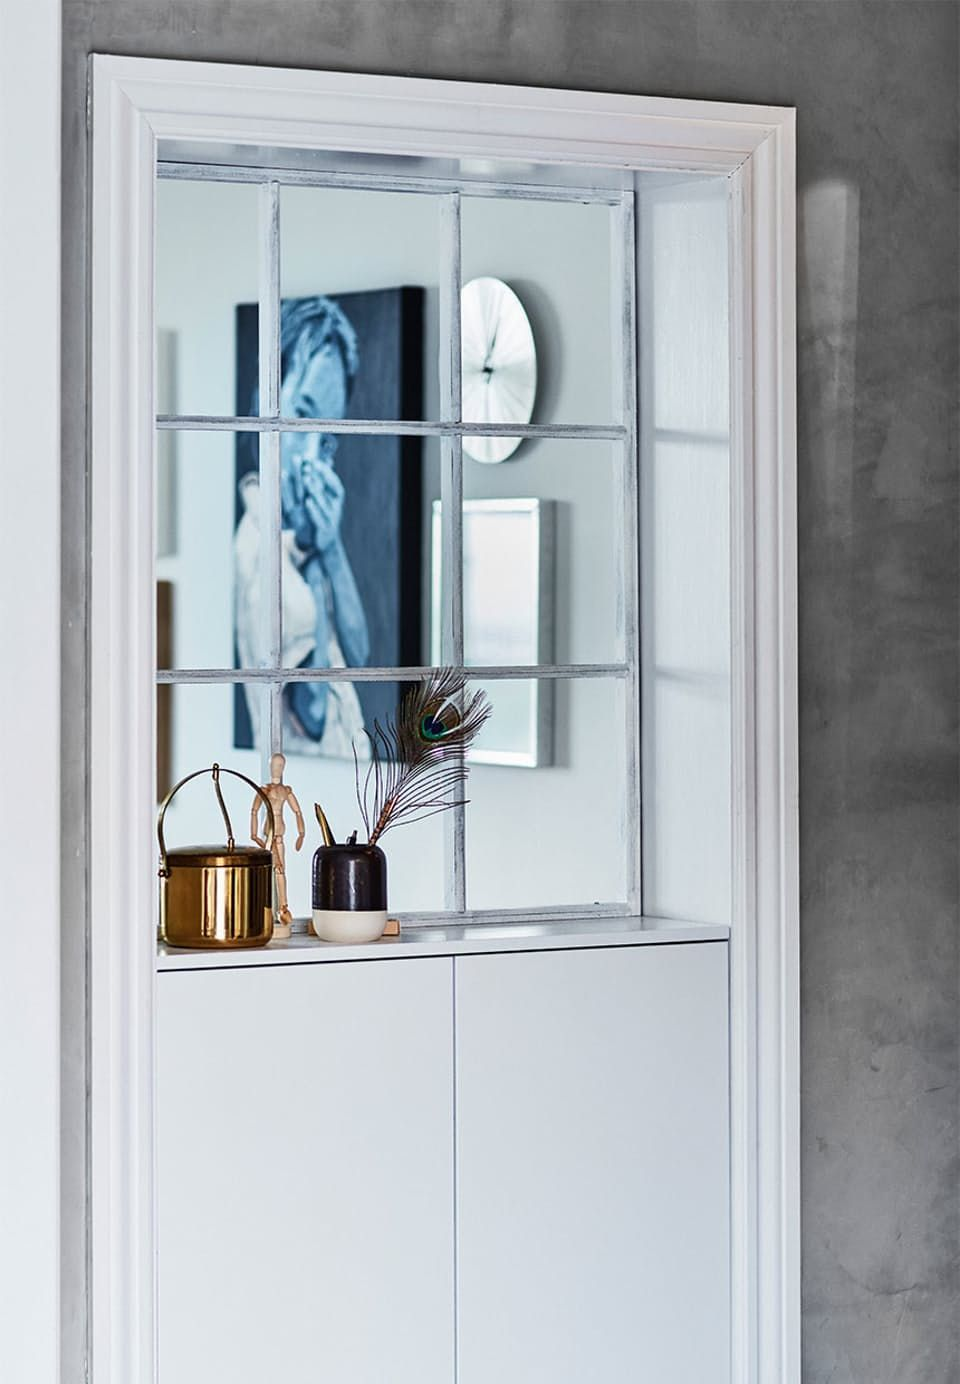 ... Window And Open Up Between Two. Lys Lejlighed Proppet Med Unikke  Løsninger Home Interior